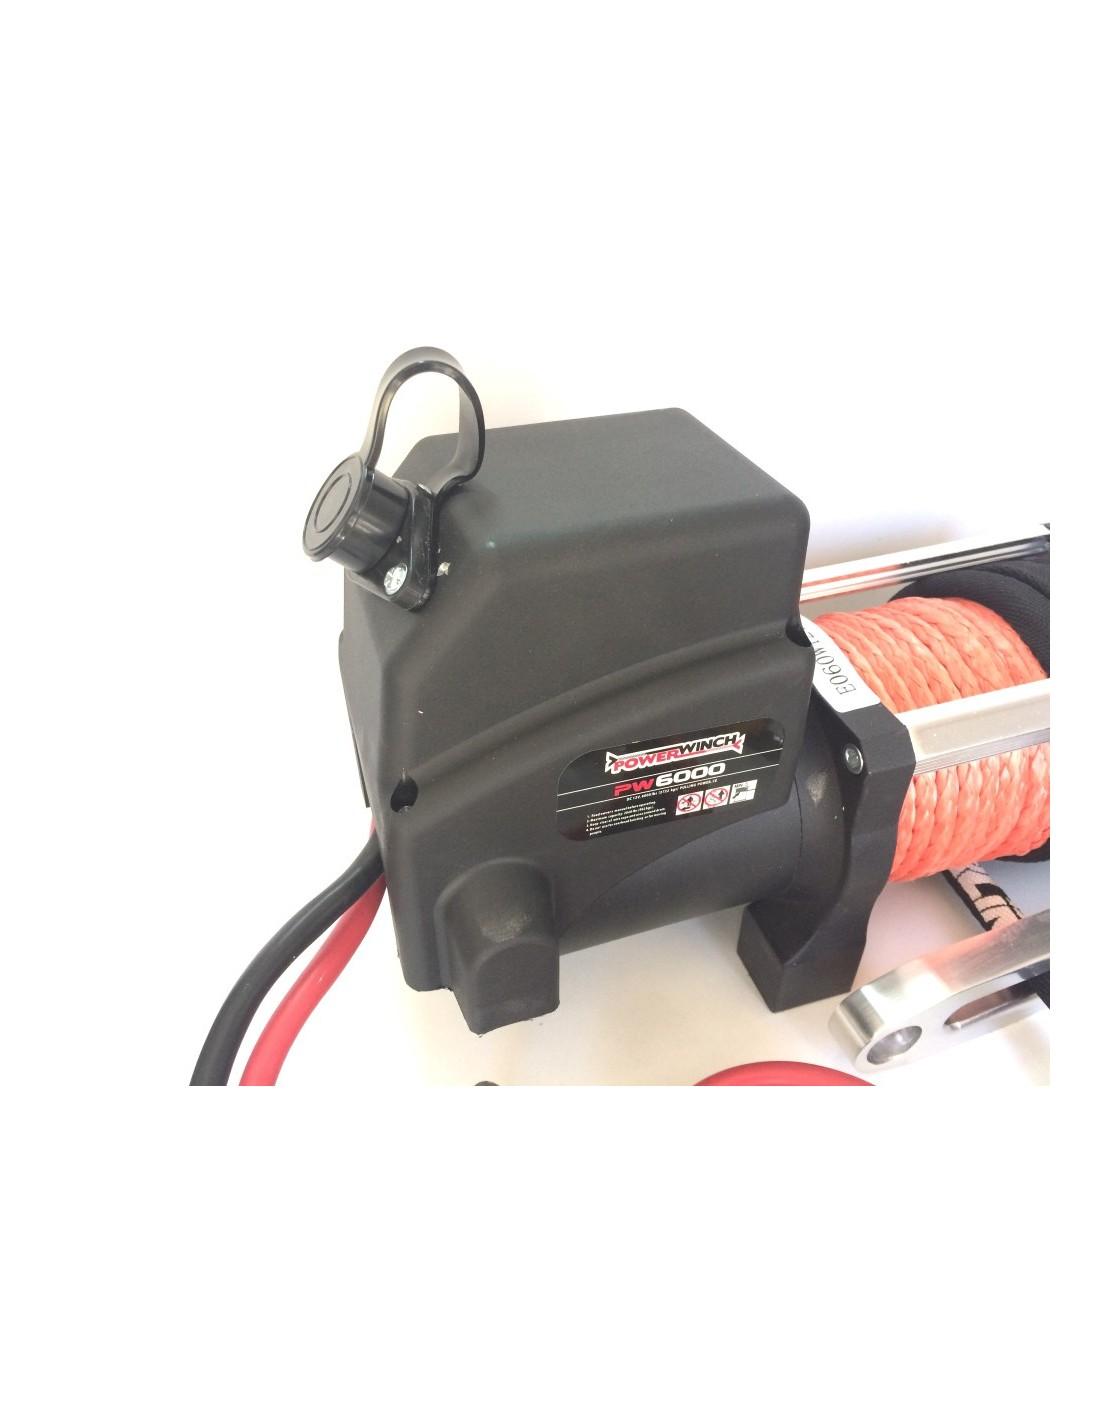 Treuil electrique powerwinch 2700 kg 12v corde synth tique - Treuil electrique 12v ...